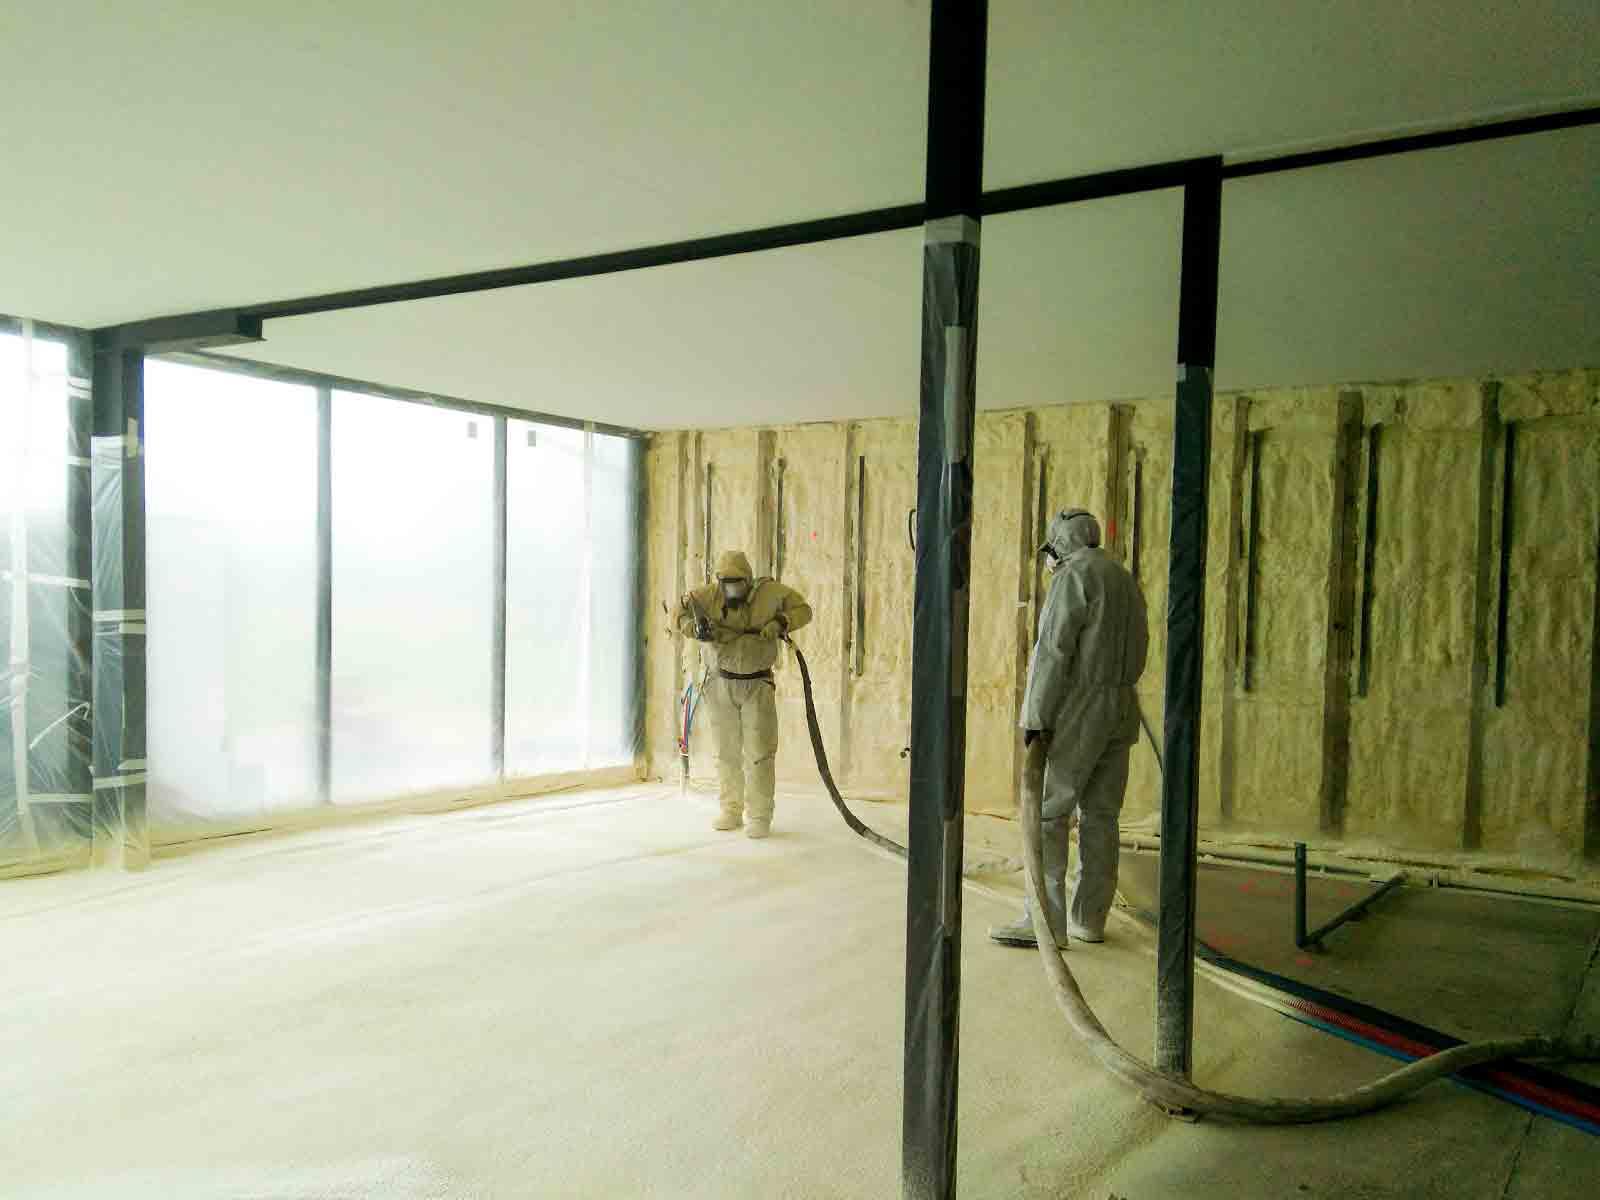 Aislamiento e impermeabilización de suelos y paredes